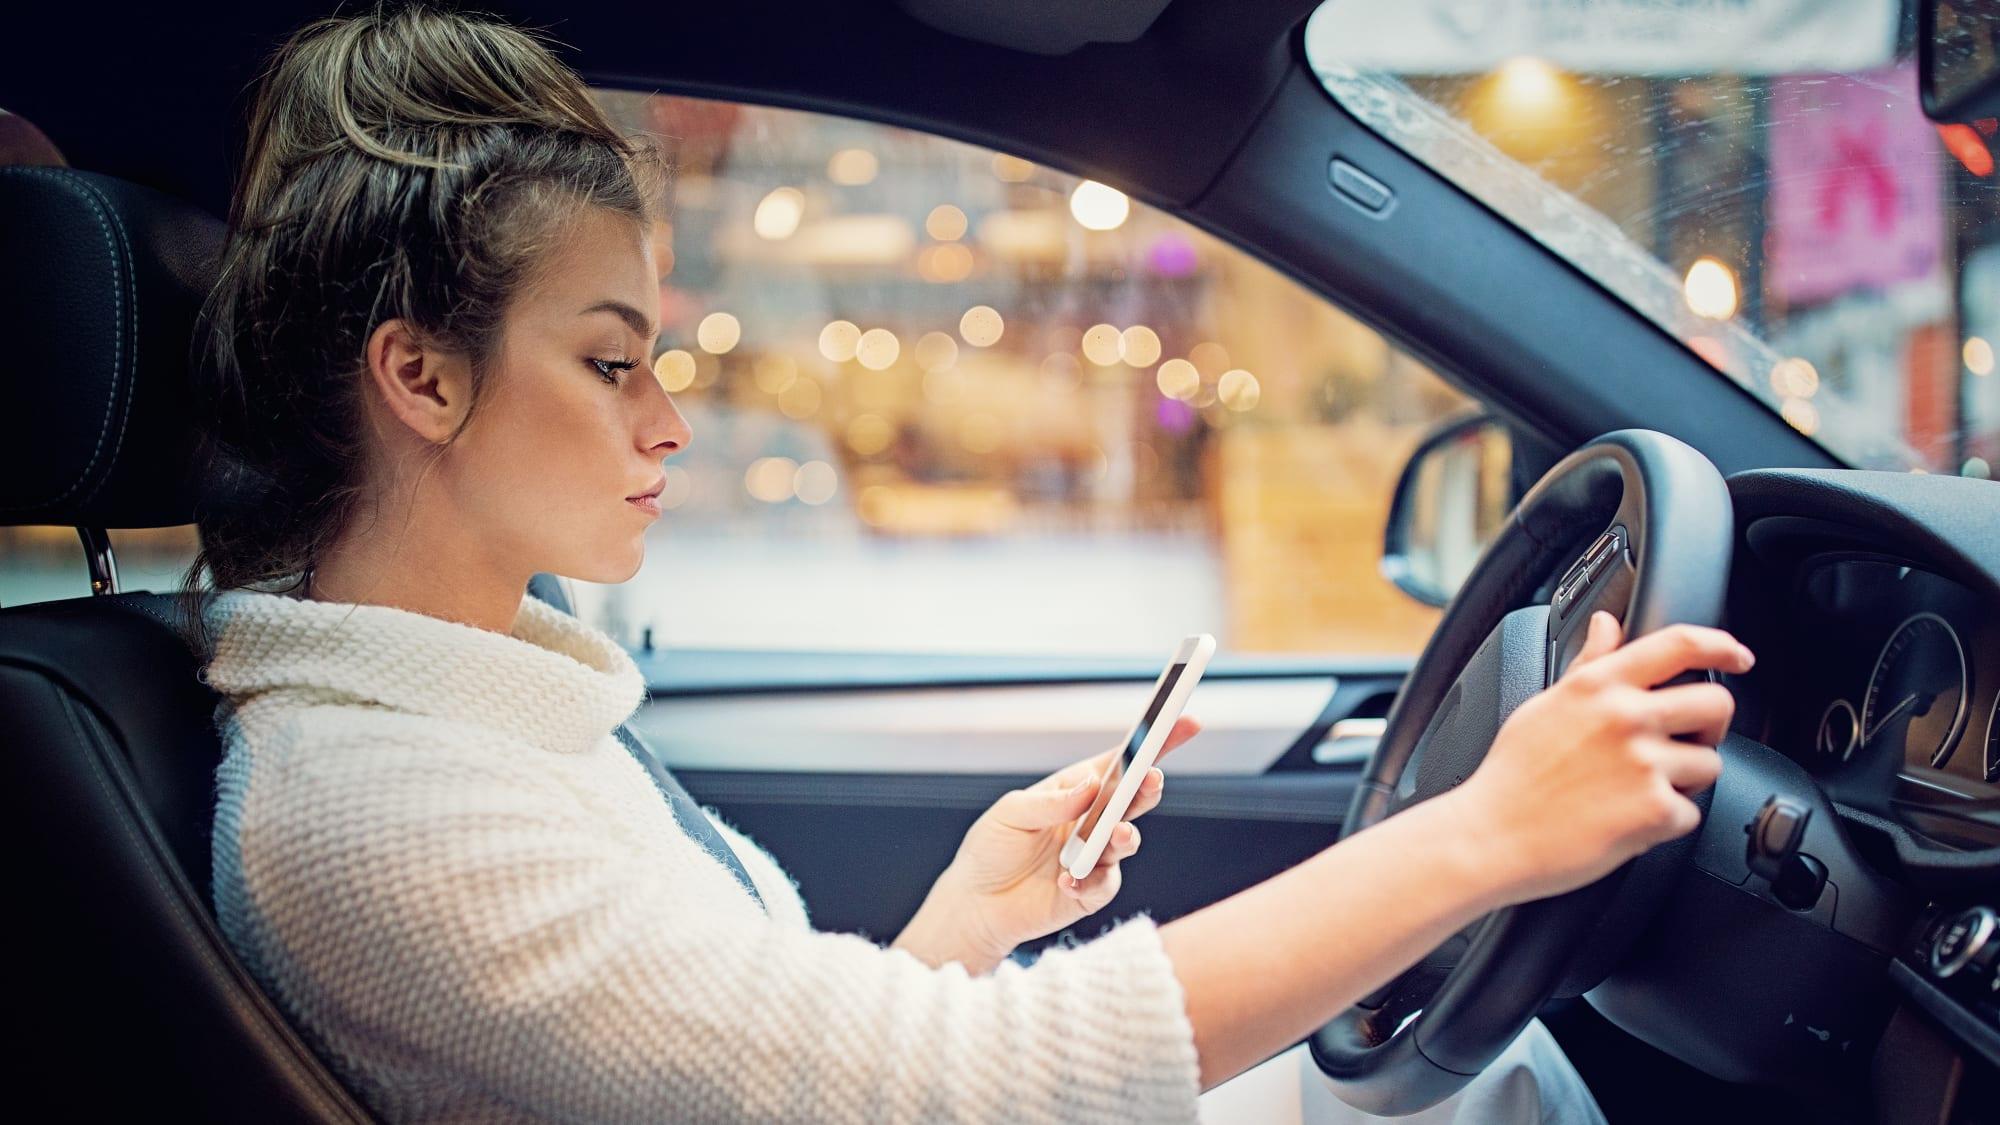 Frau schreibt während des Autofahrend auf ihrem Smartphone